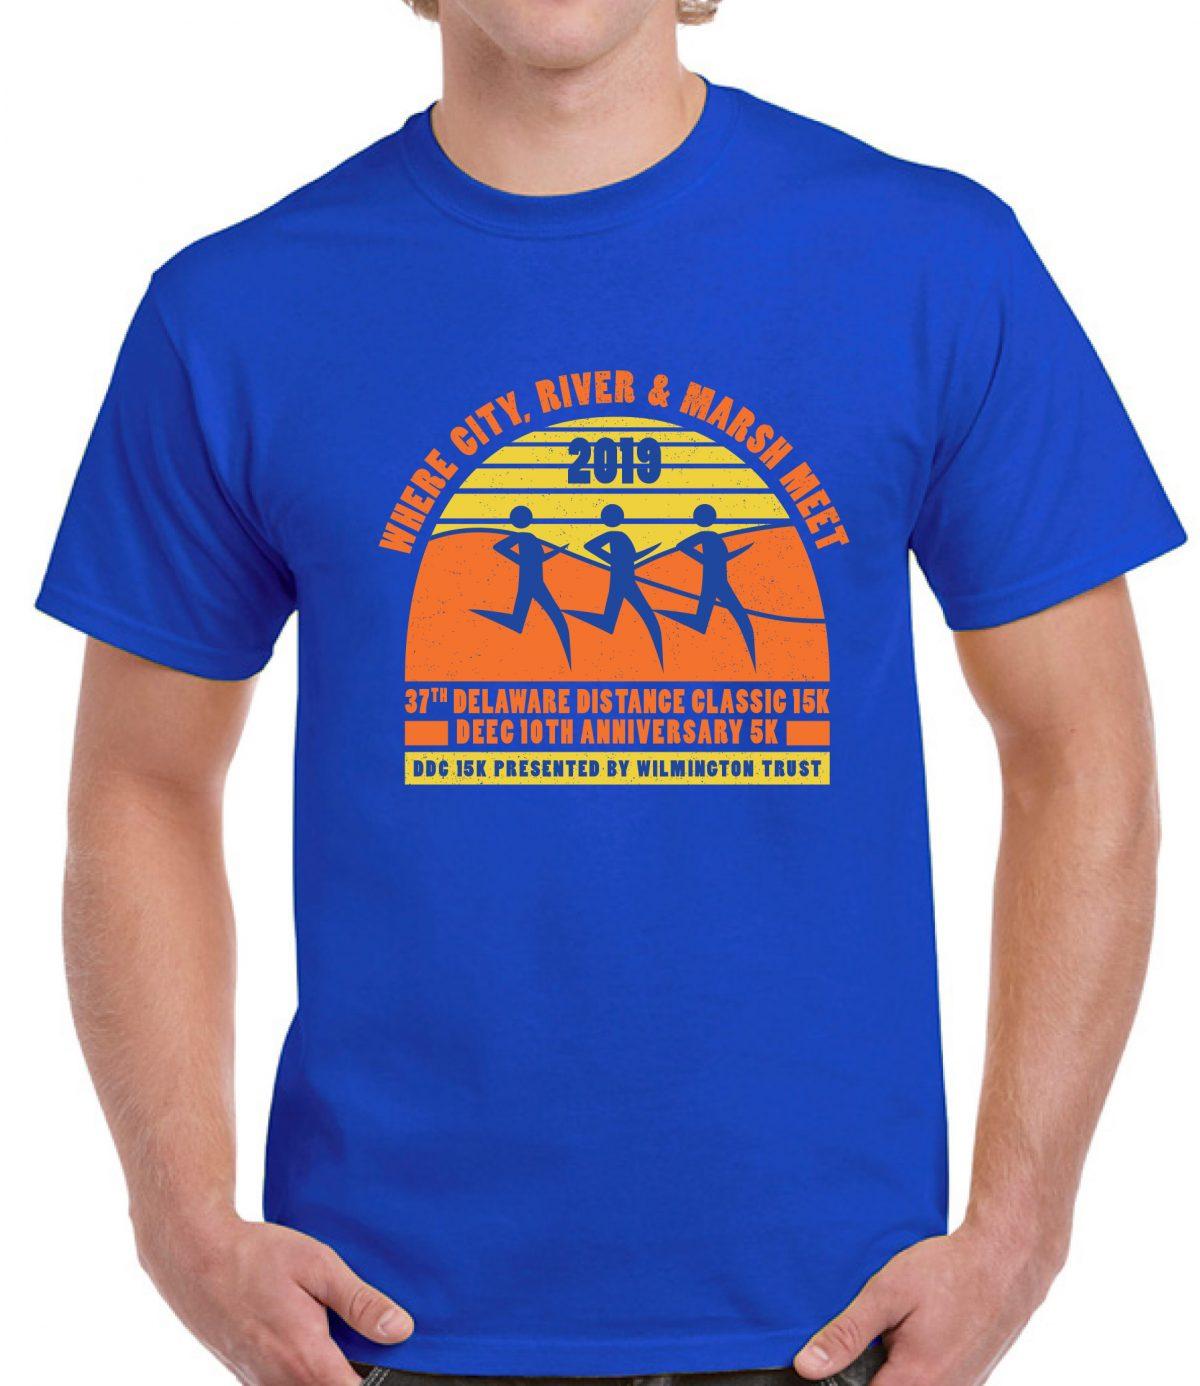 DEEC 5K Fundraiser Shirt